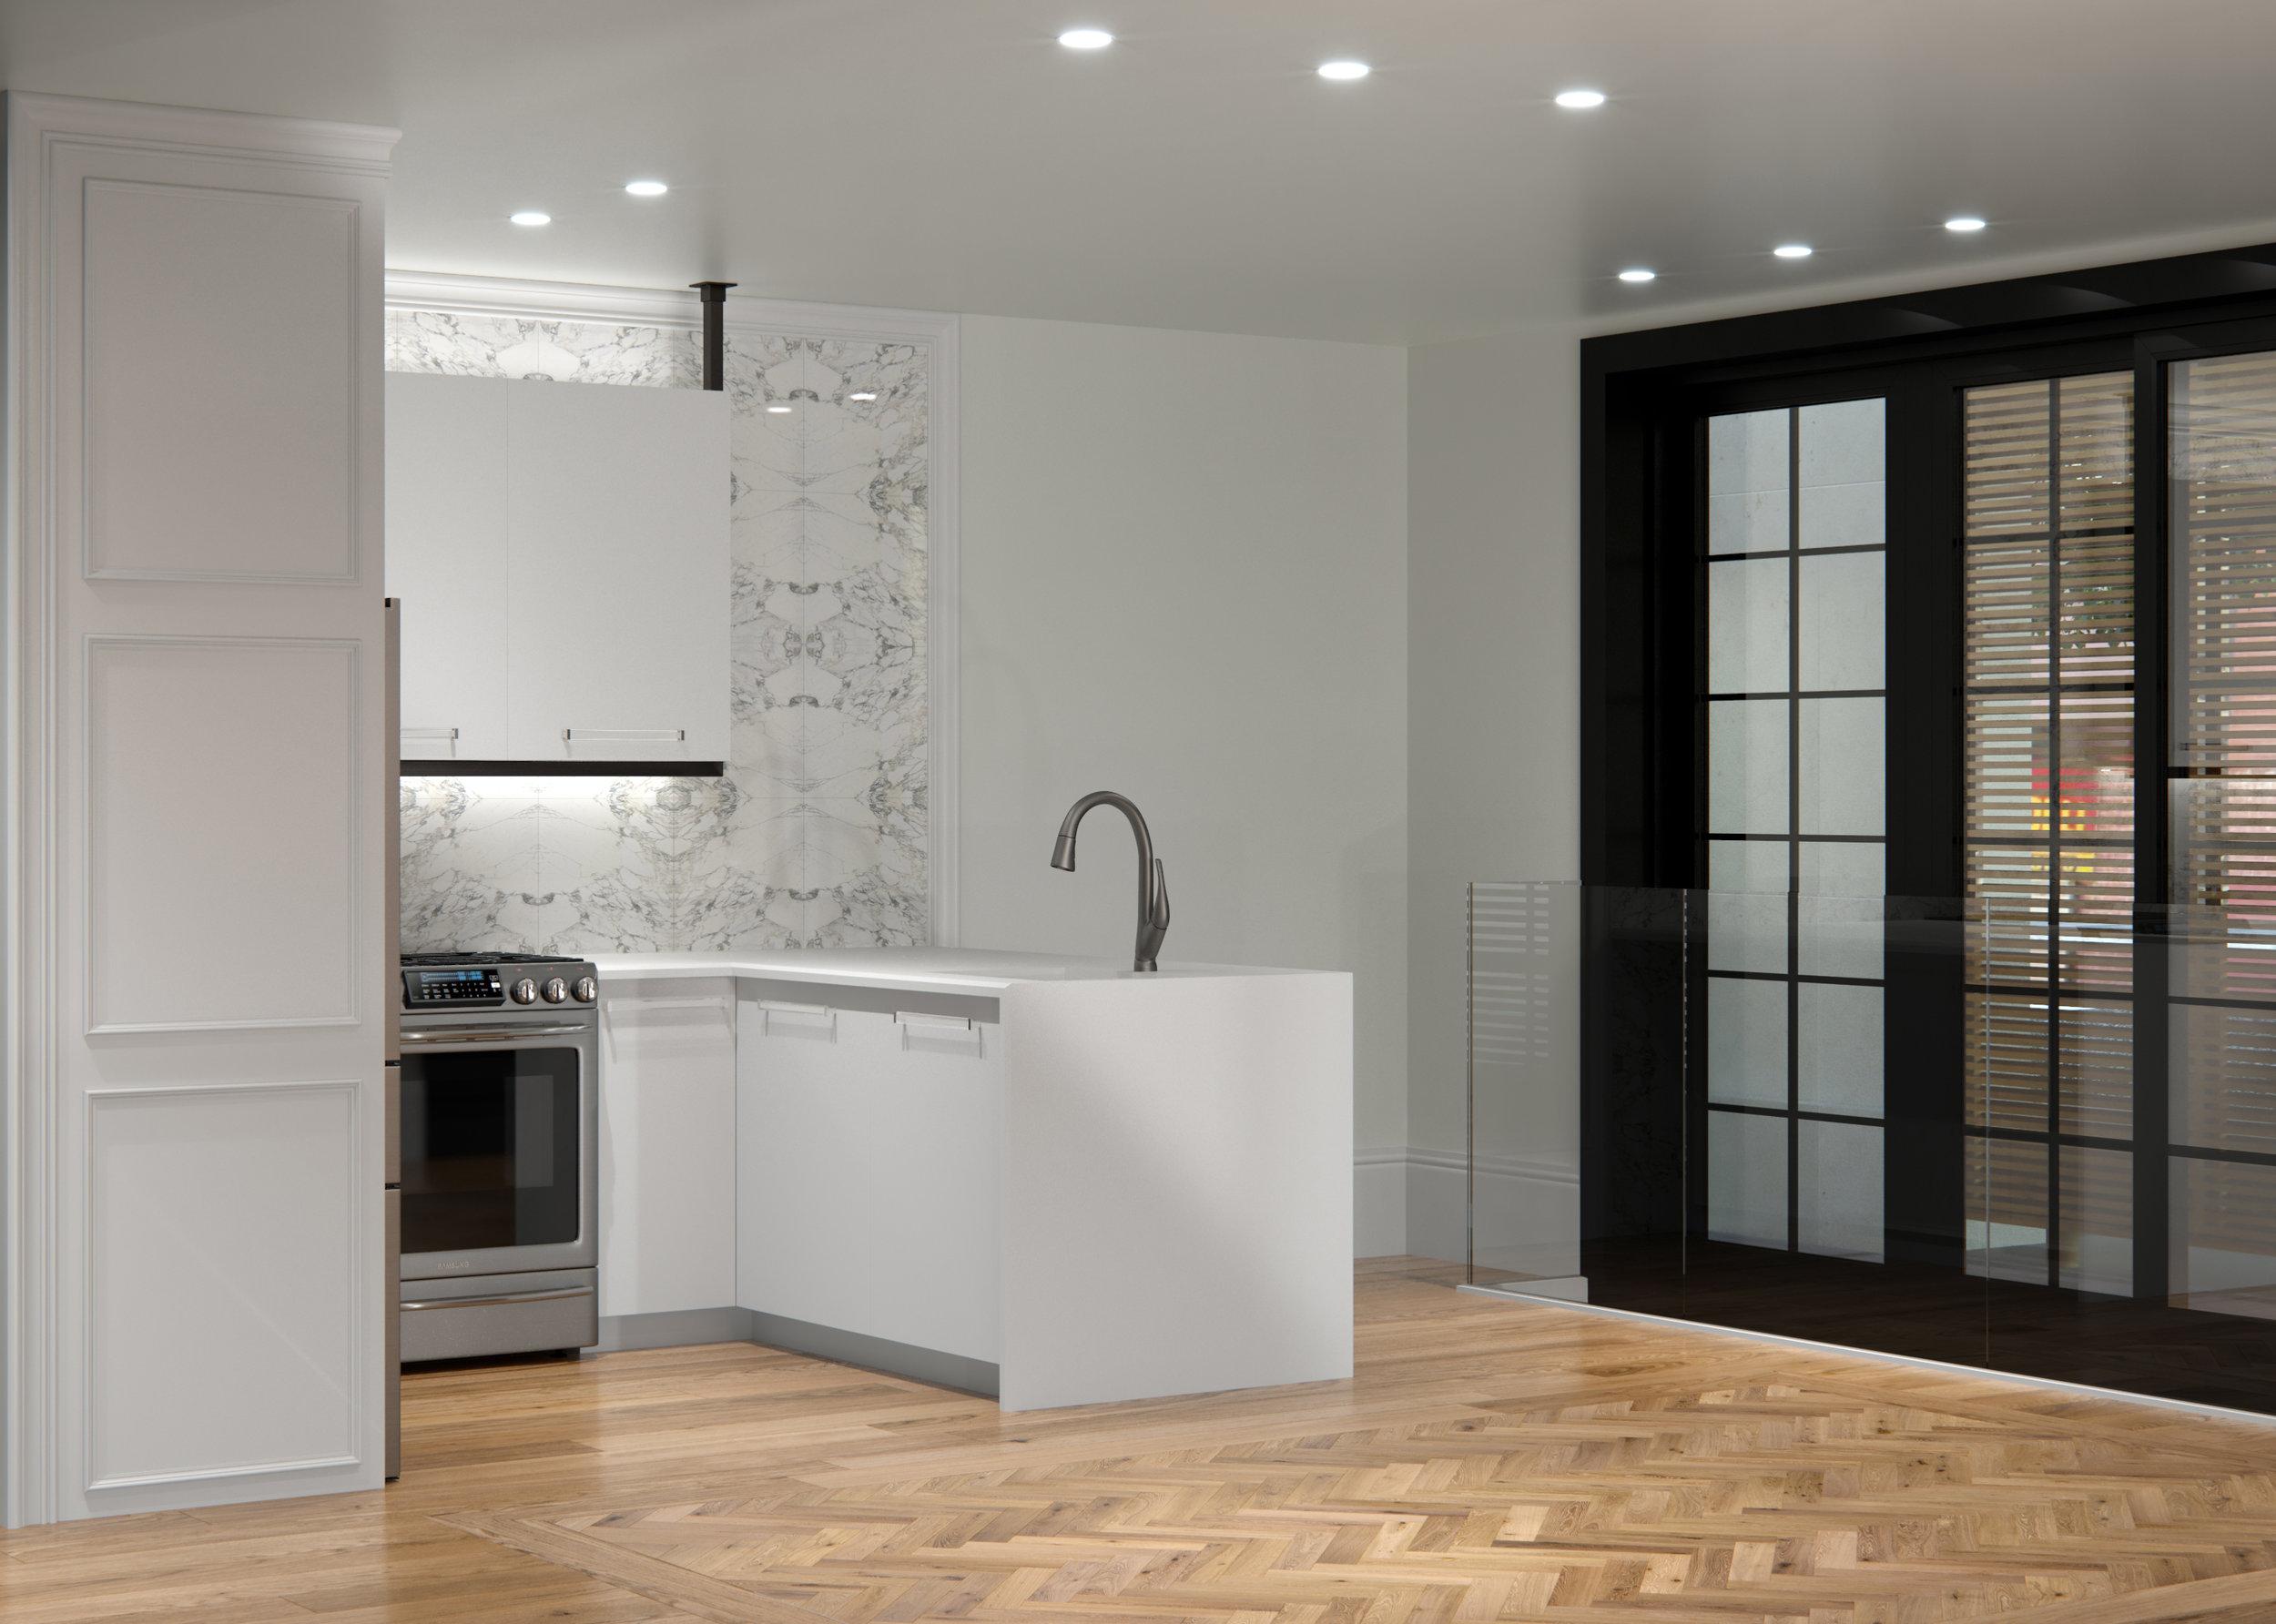 kitchen-.0005-p EDIT.jpg